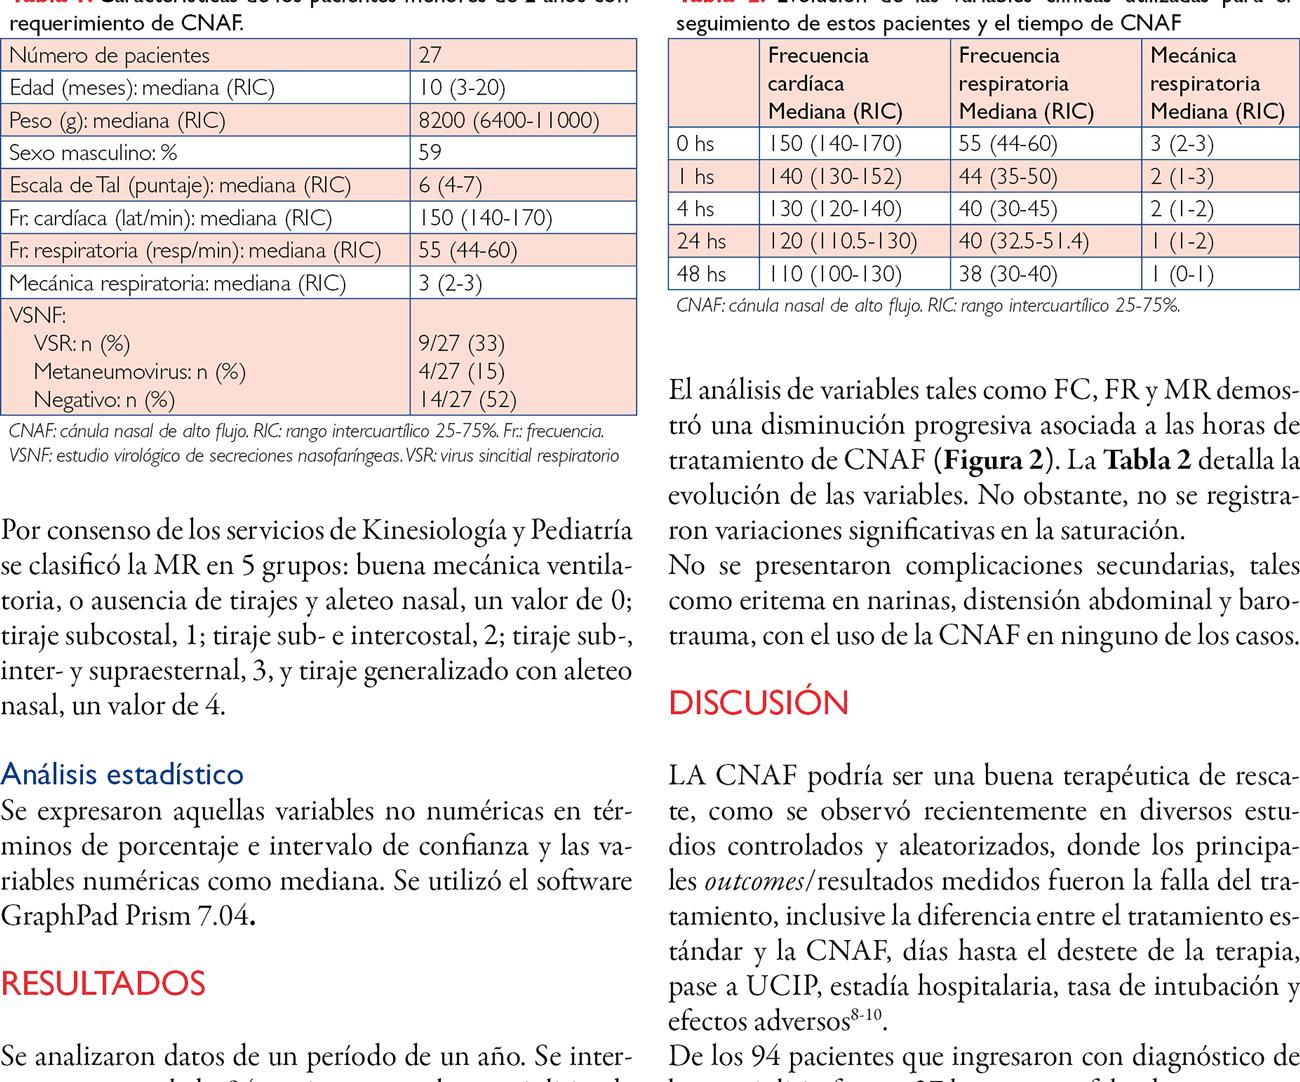 Utilización de la cánula nasal de alto flujo  en niños con diagnóstico de bronquiolitis menores de dos años: estudio retrospectivo